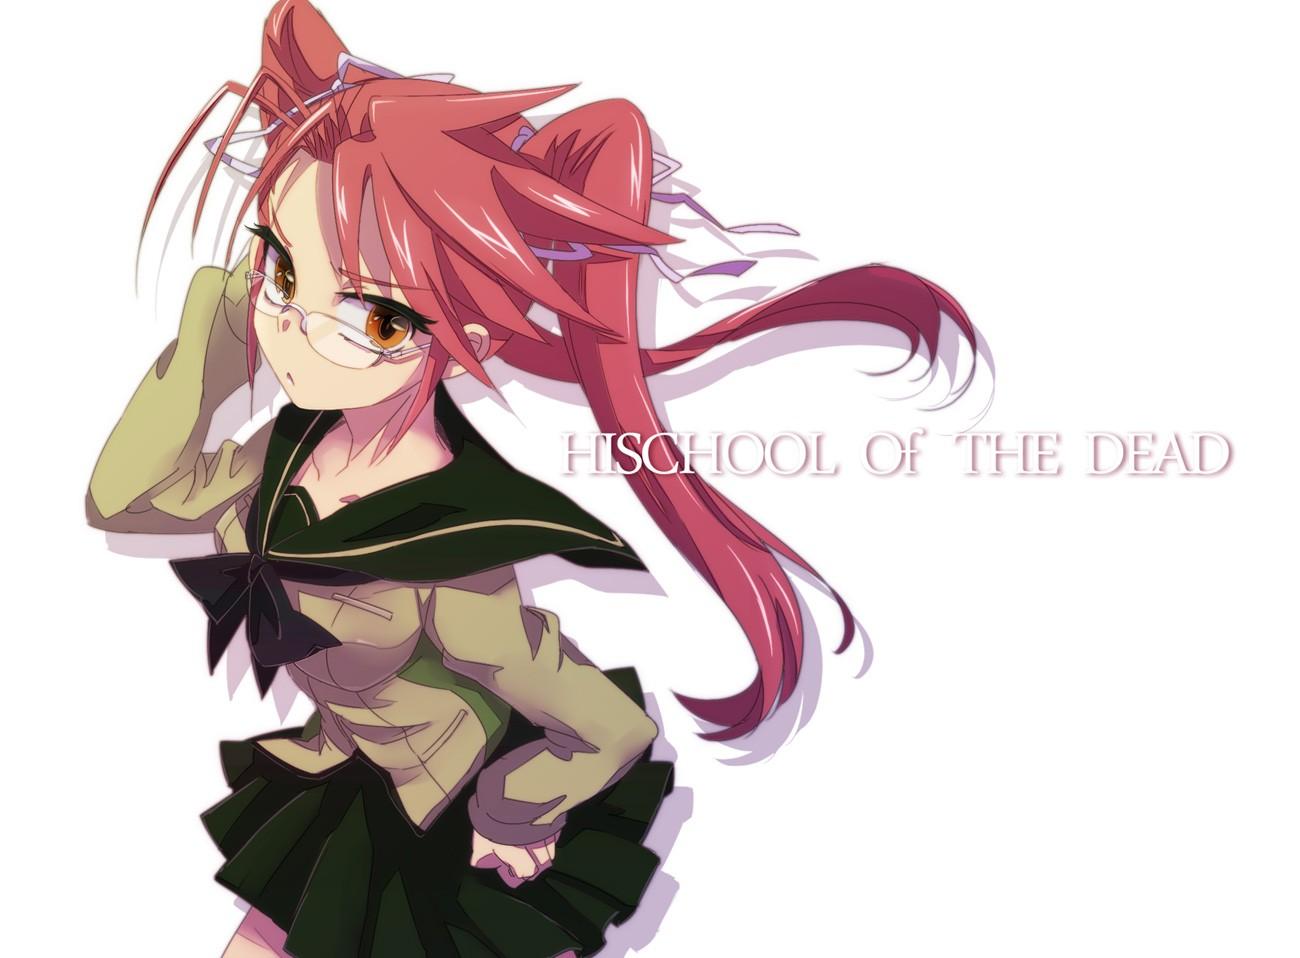 Wallpaper Highschool Of The Dead Anime Girls Takagi Saya